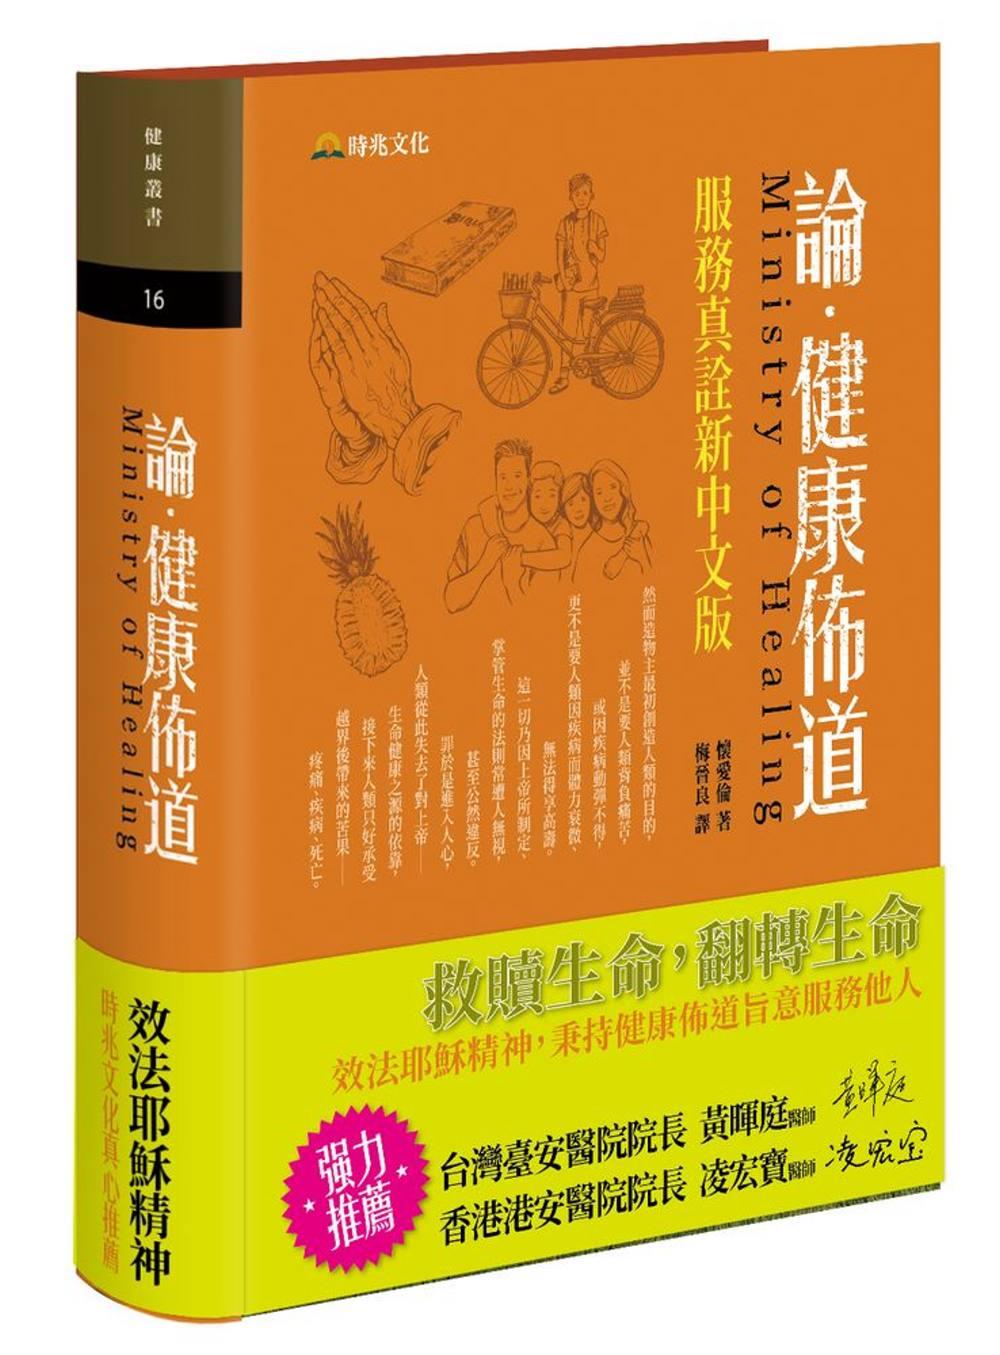 論健康佈道:服務真詮新中文版